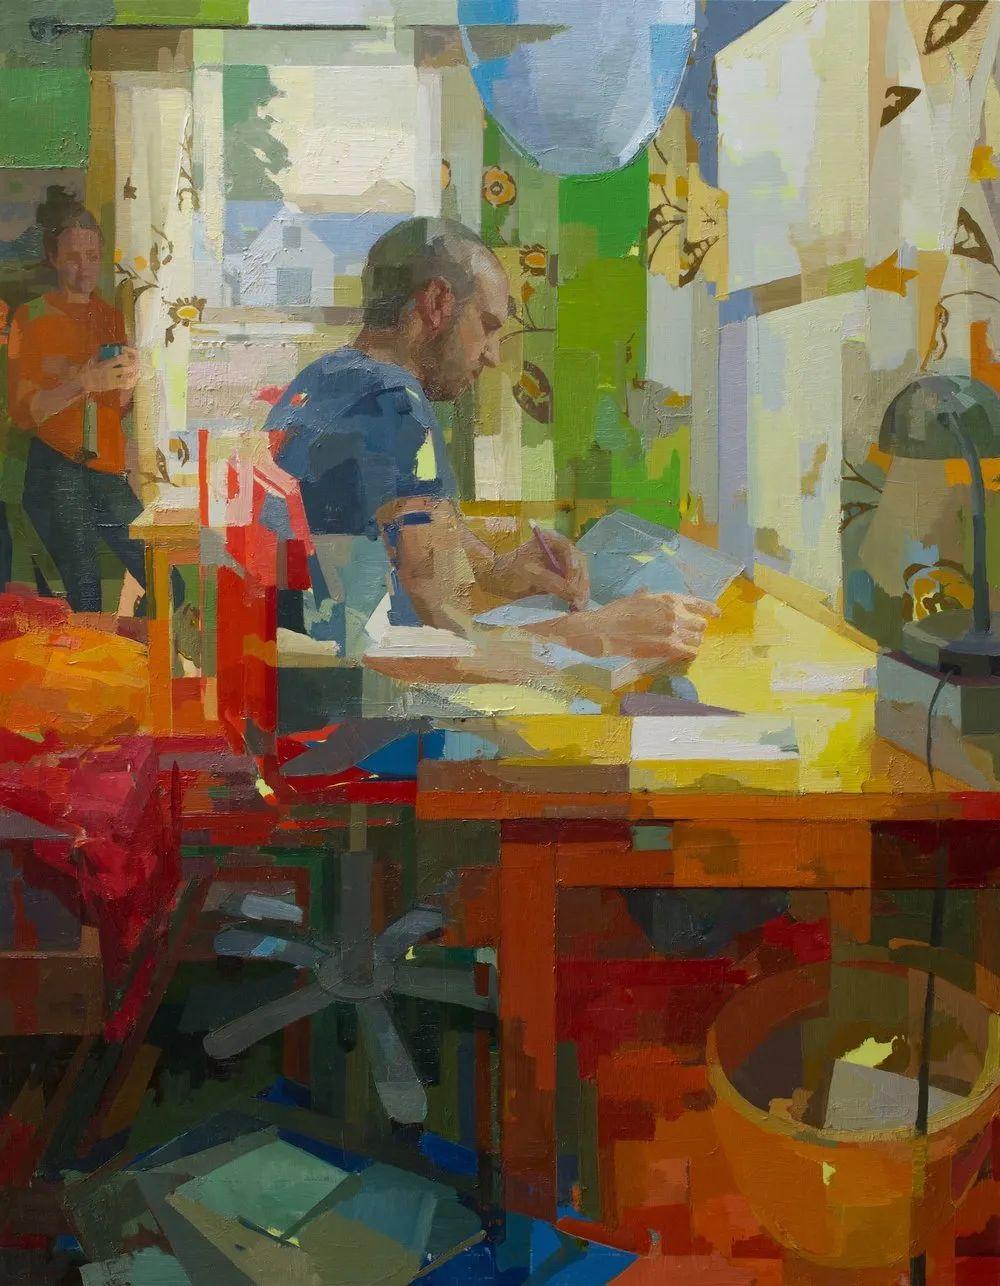 色彩新清的具象绘画,美国女画家佐伊·弗兰克插图11